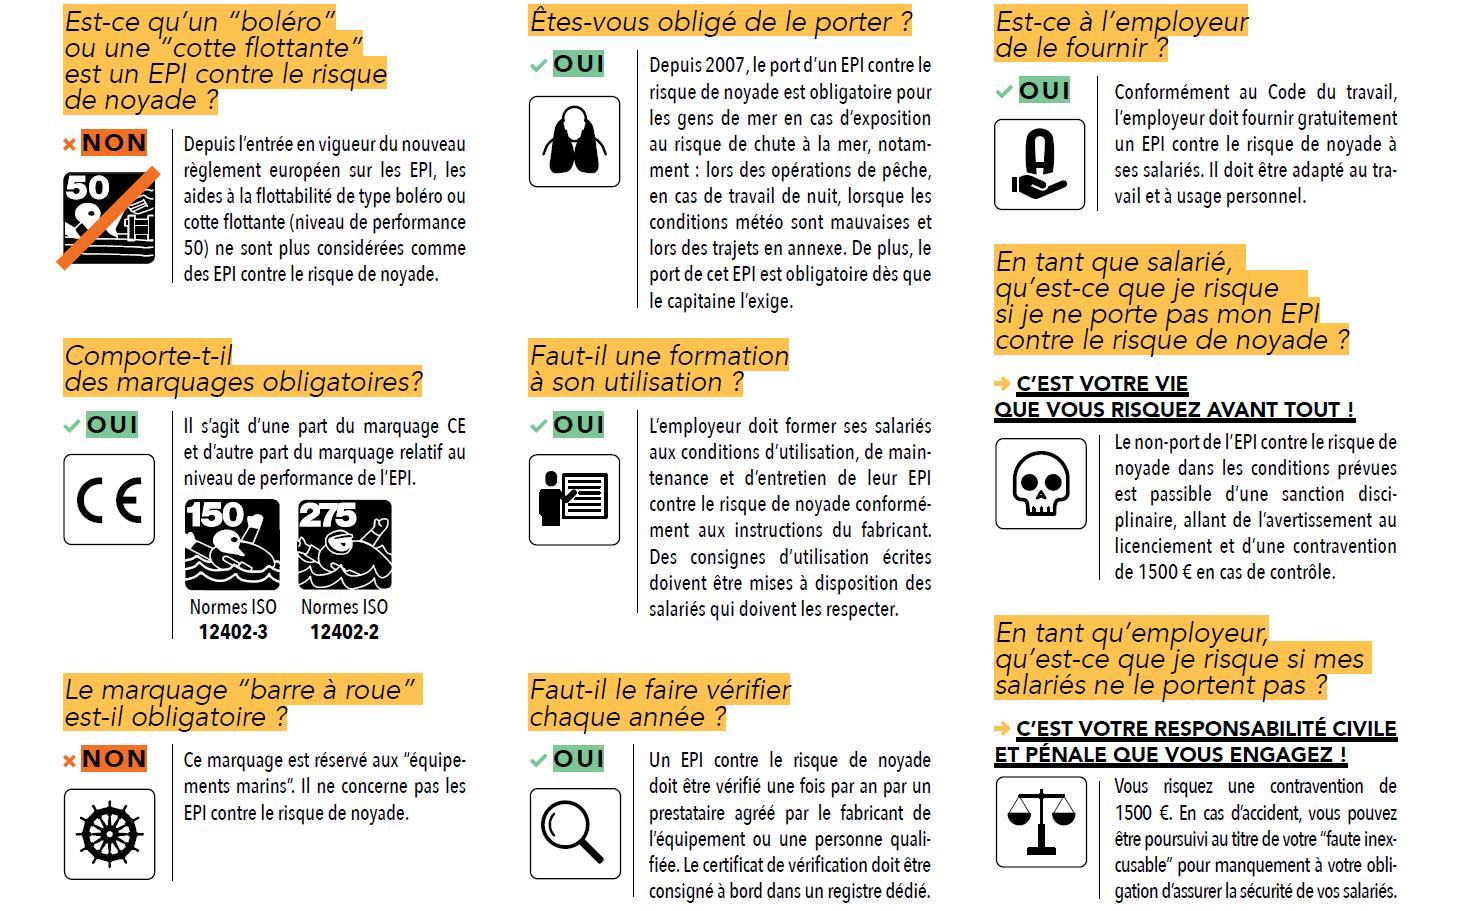 Affiche de sensibilisation au port de l'EPI contre le risque de noyade